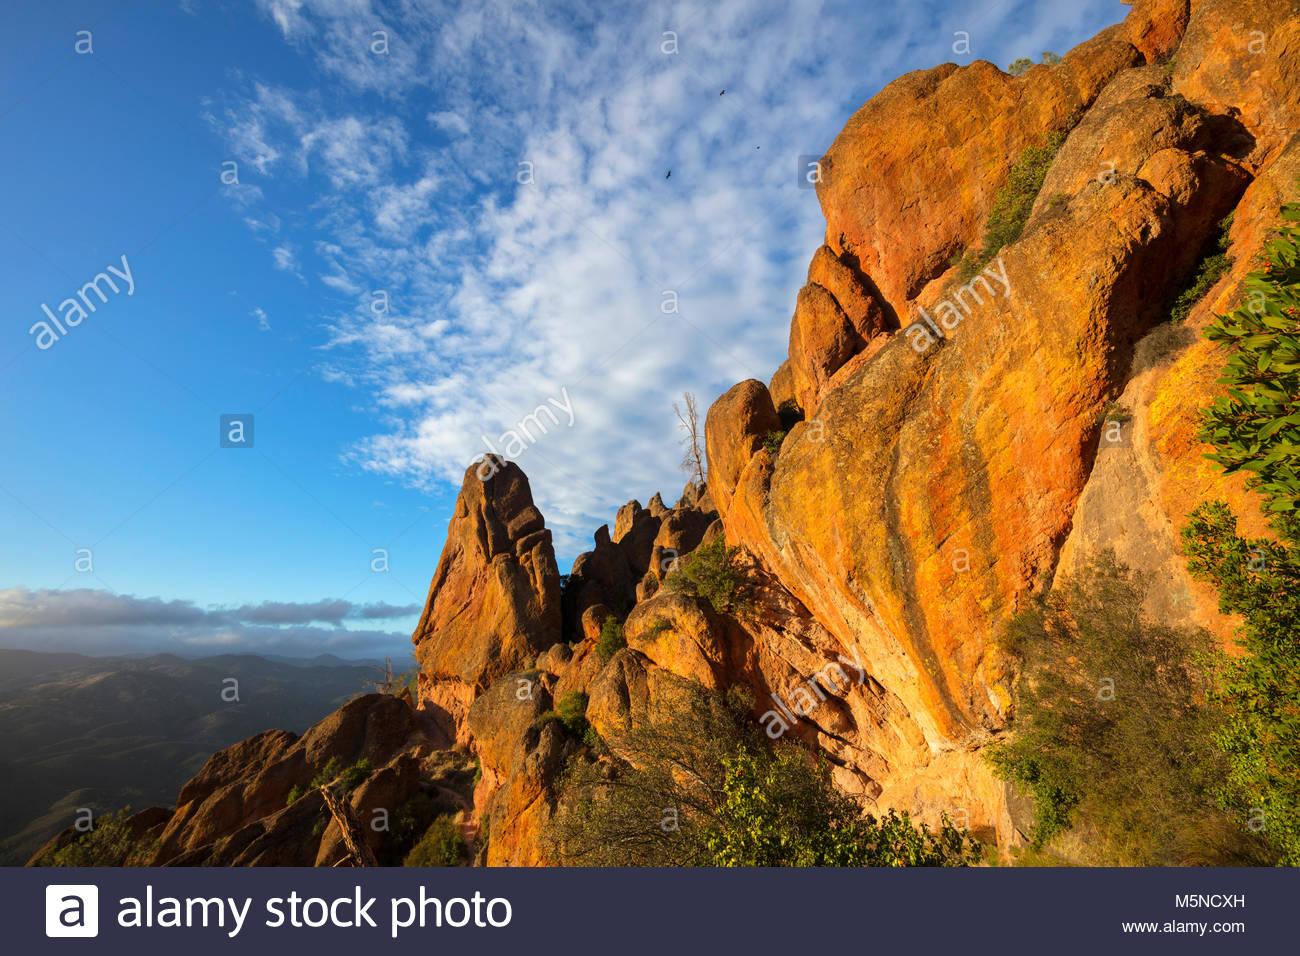 Am späten Nachmittag Sonne bringt die goldene Farbe des hohen Gipfeln in Pinnacles National Park, Kalifornien. Stockbild